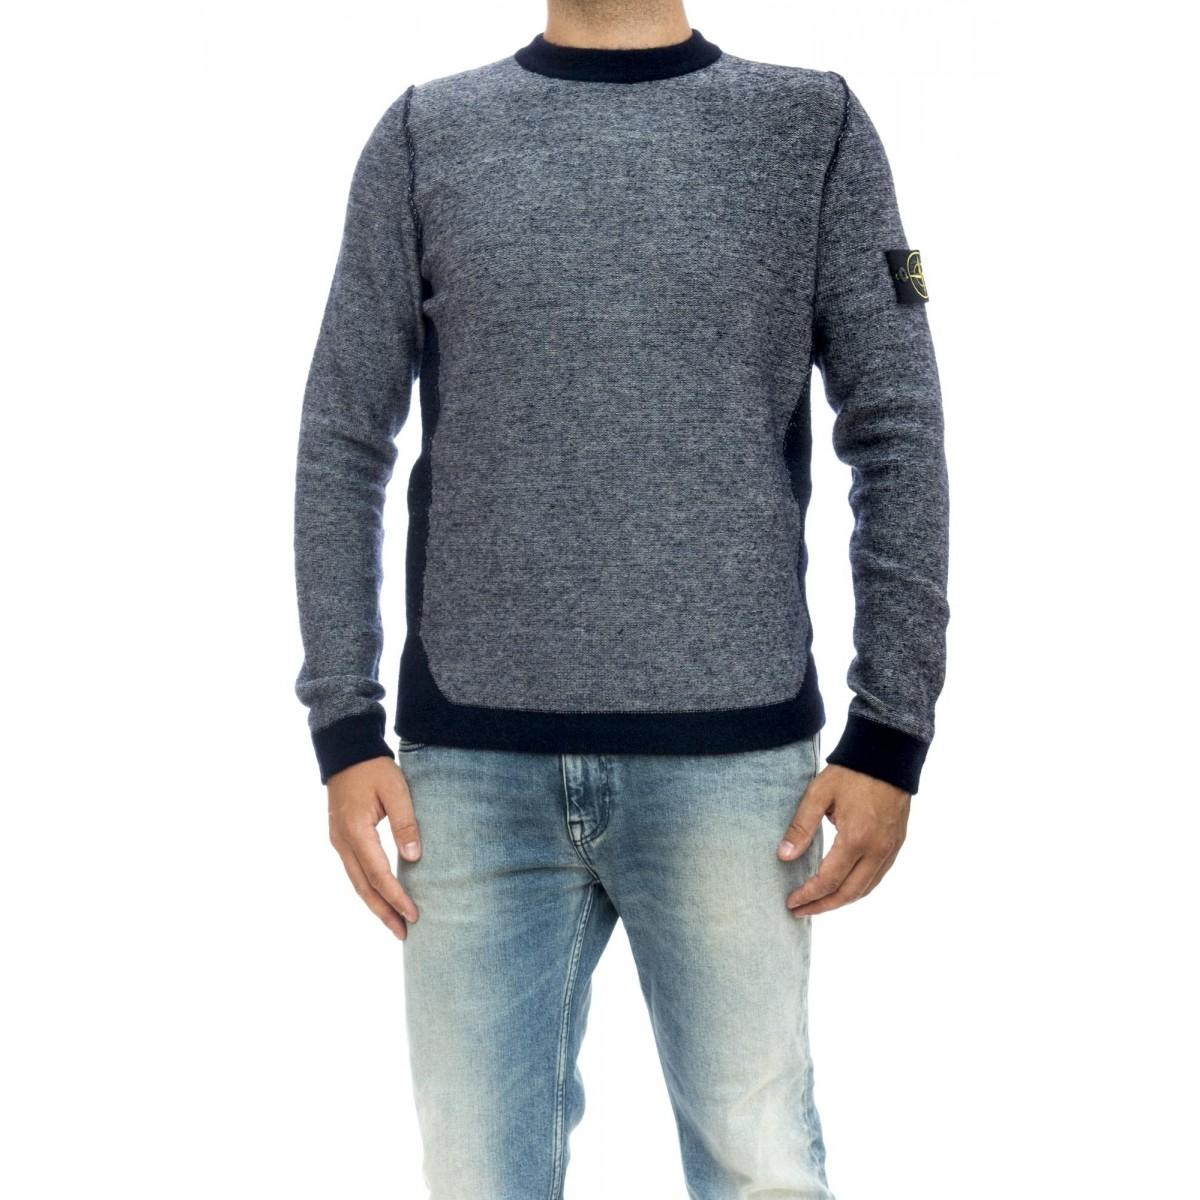 Maglia uomo - 512b1 maglia giro color block: 57% lana, 22% poliamide, 14% acrilica, 5% alpaca